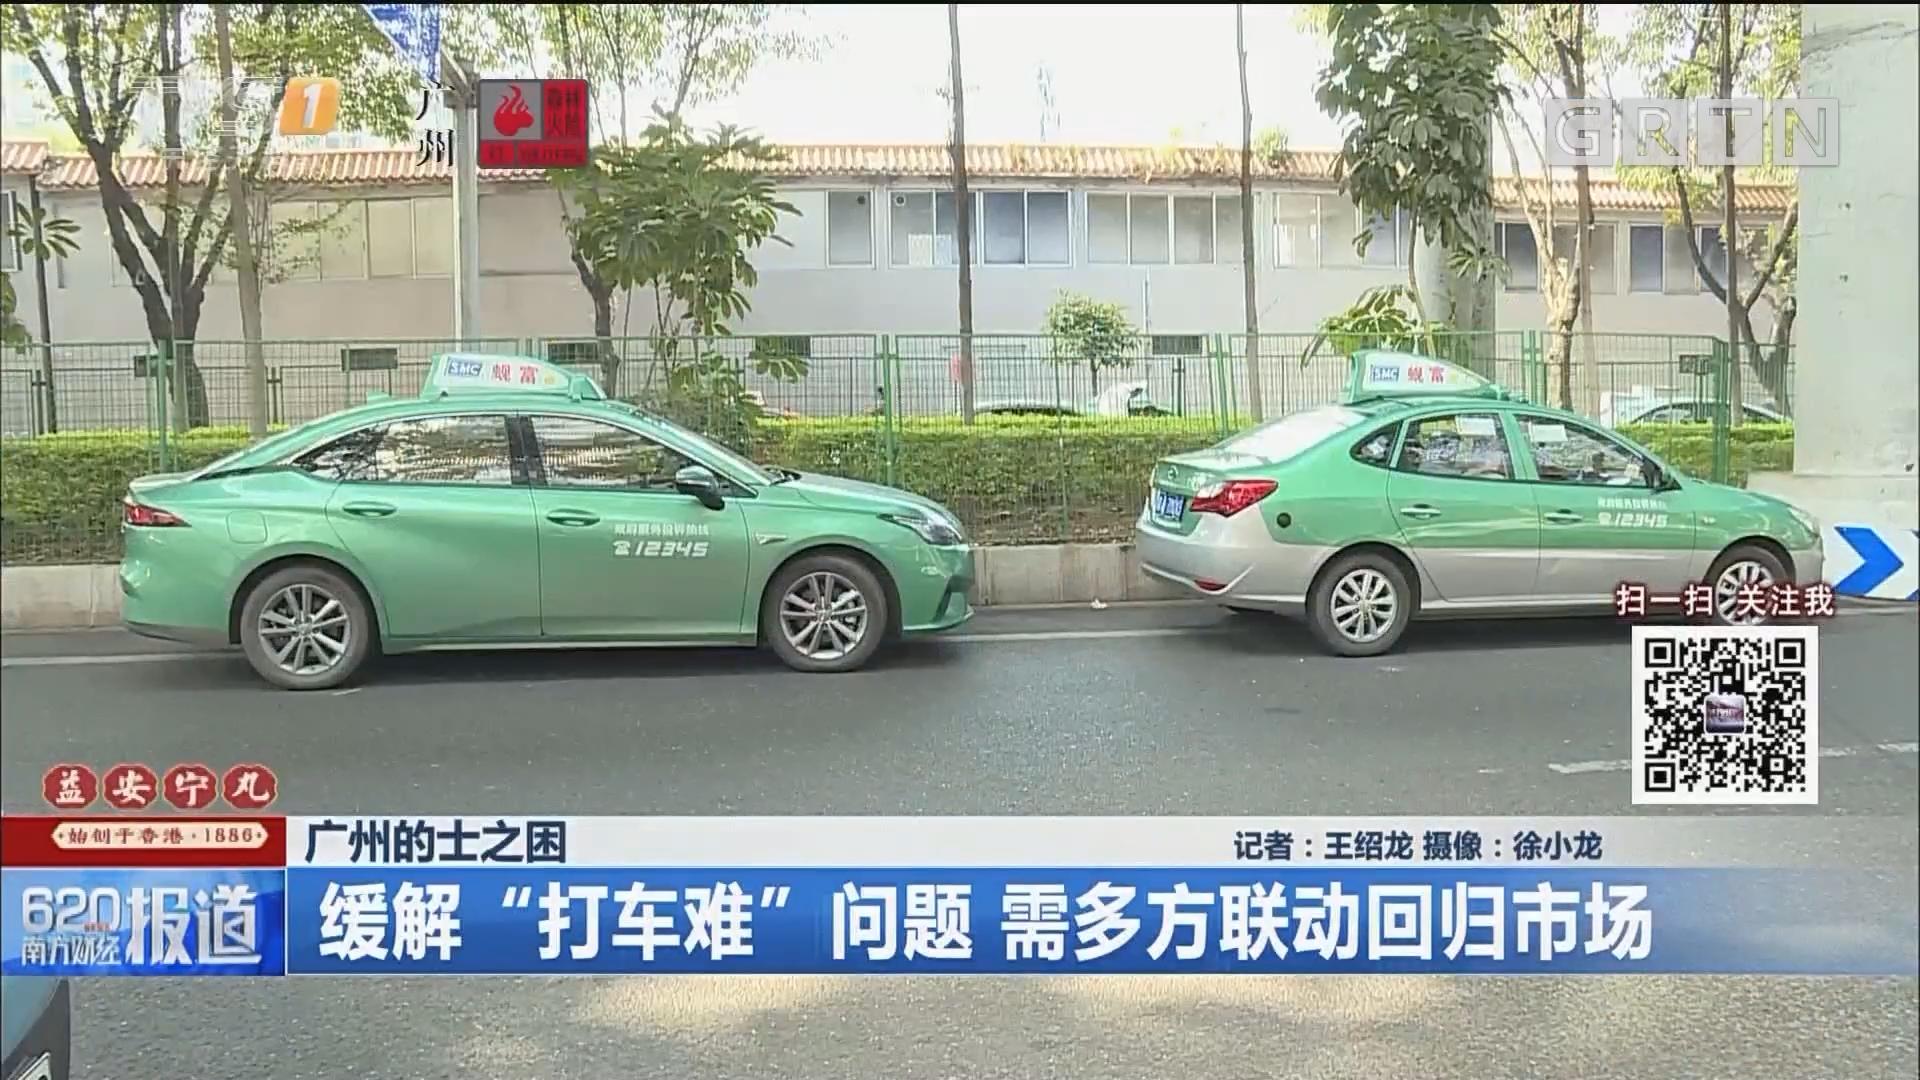 """广州的士之困 缓解""""打车难""""问题 需多方联动回归市场"""